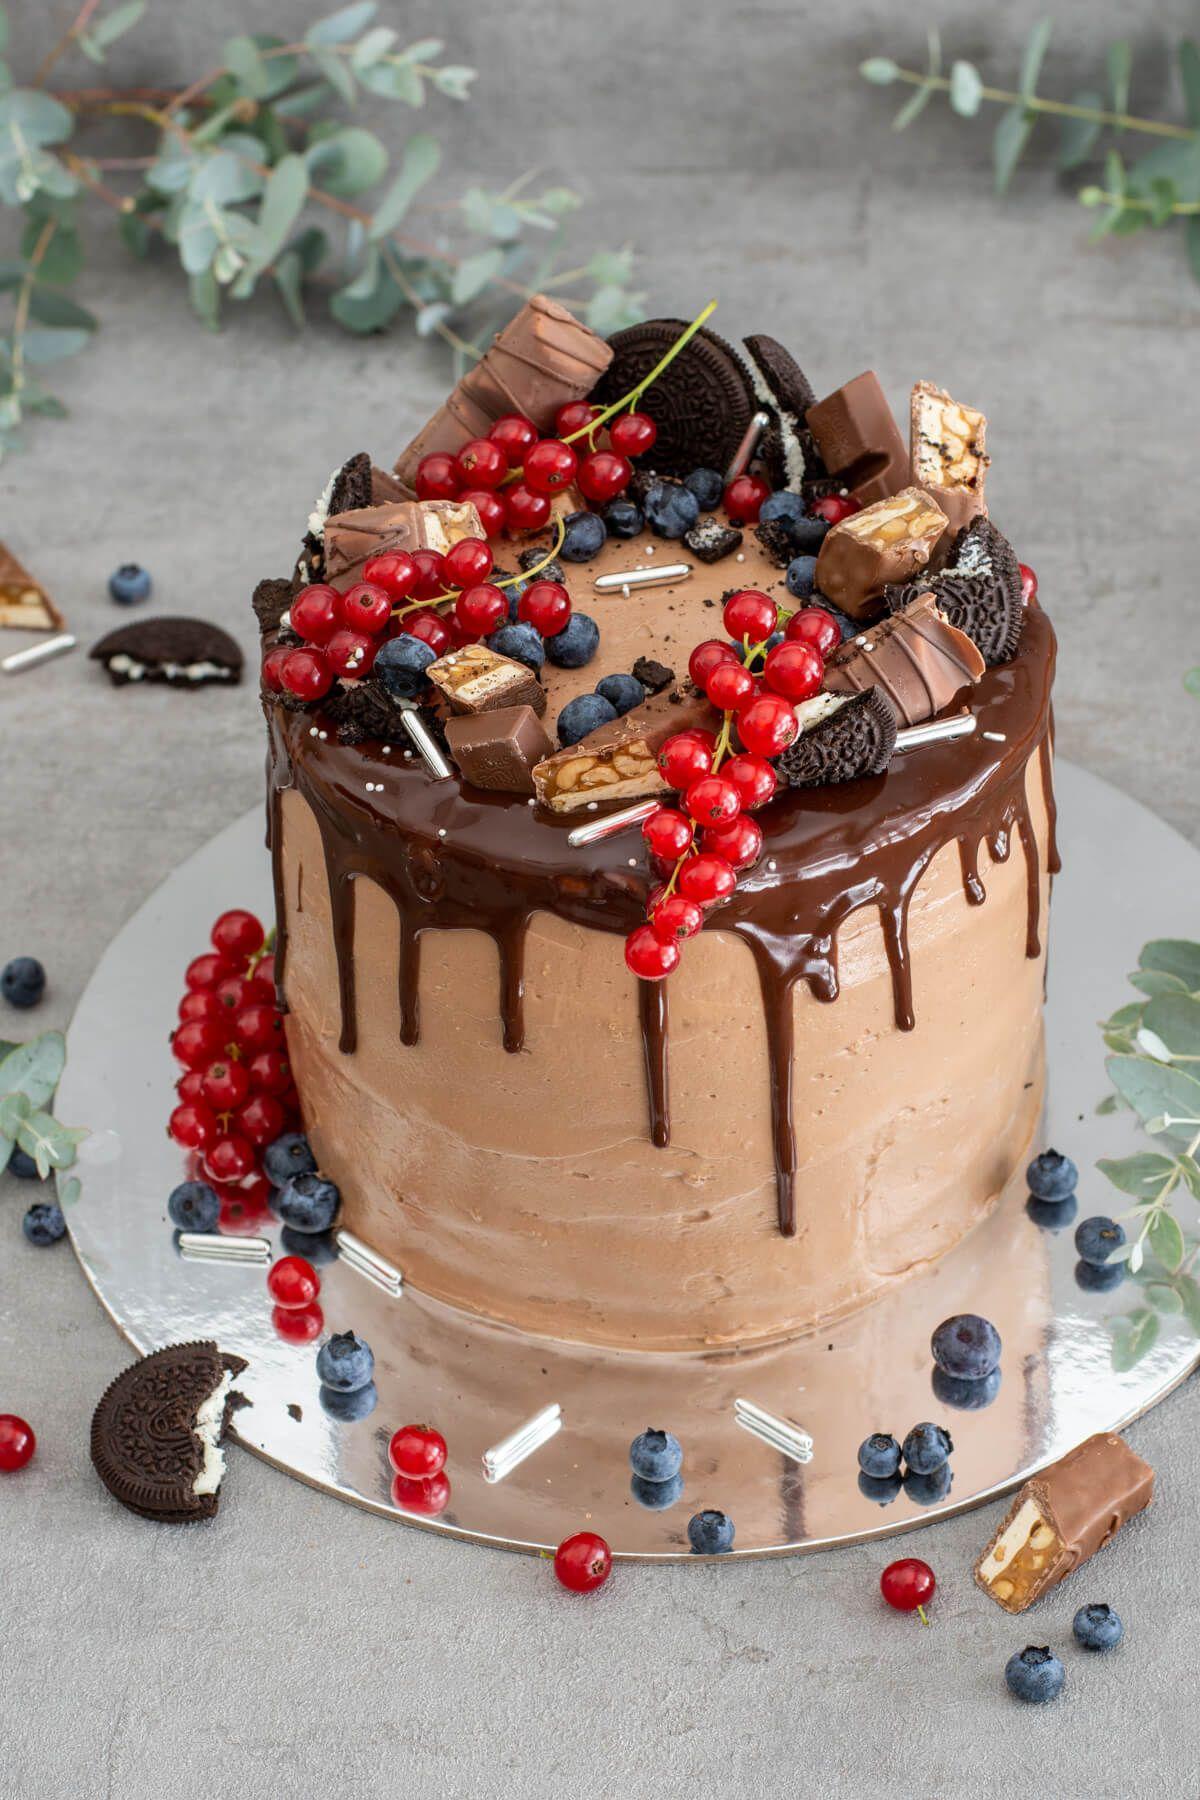 Saftige Schoko Drip Torte mit fruchtiger Fülle und Nutella-Creme